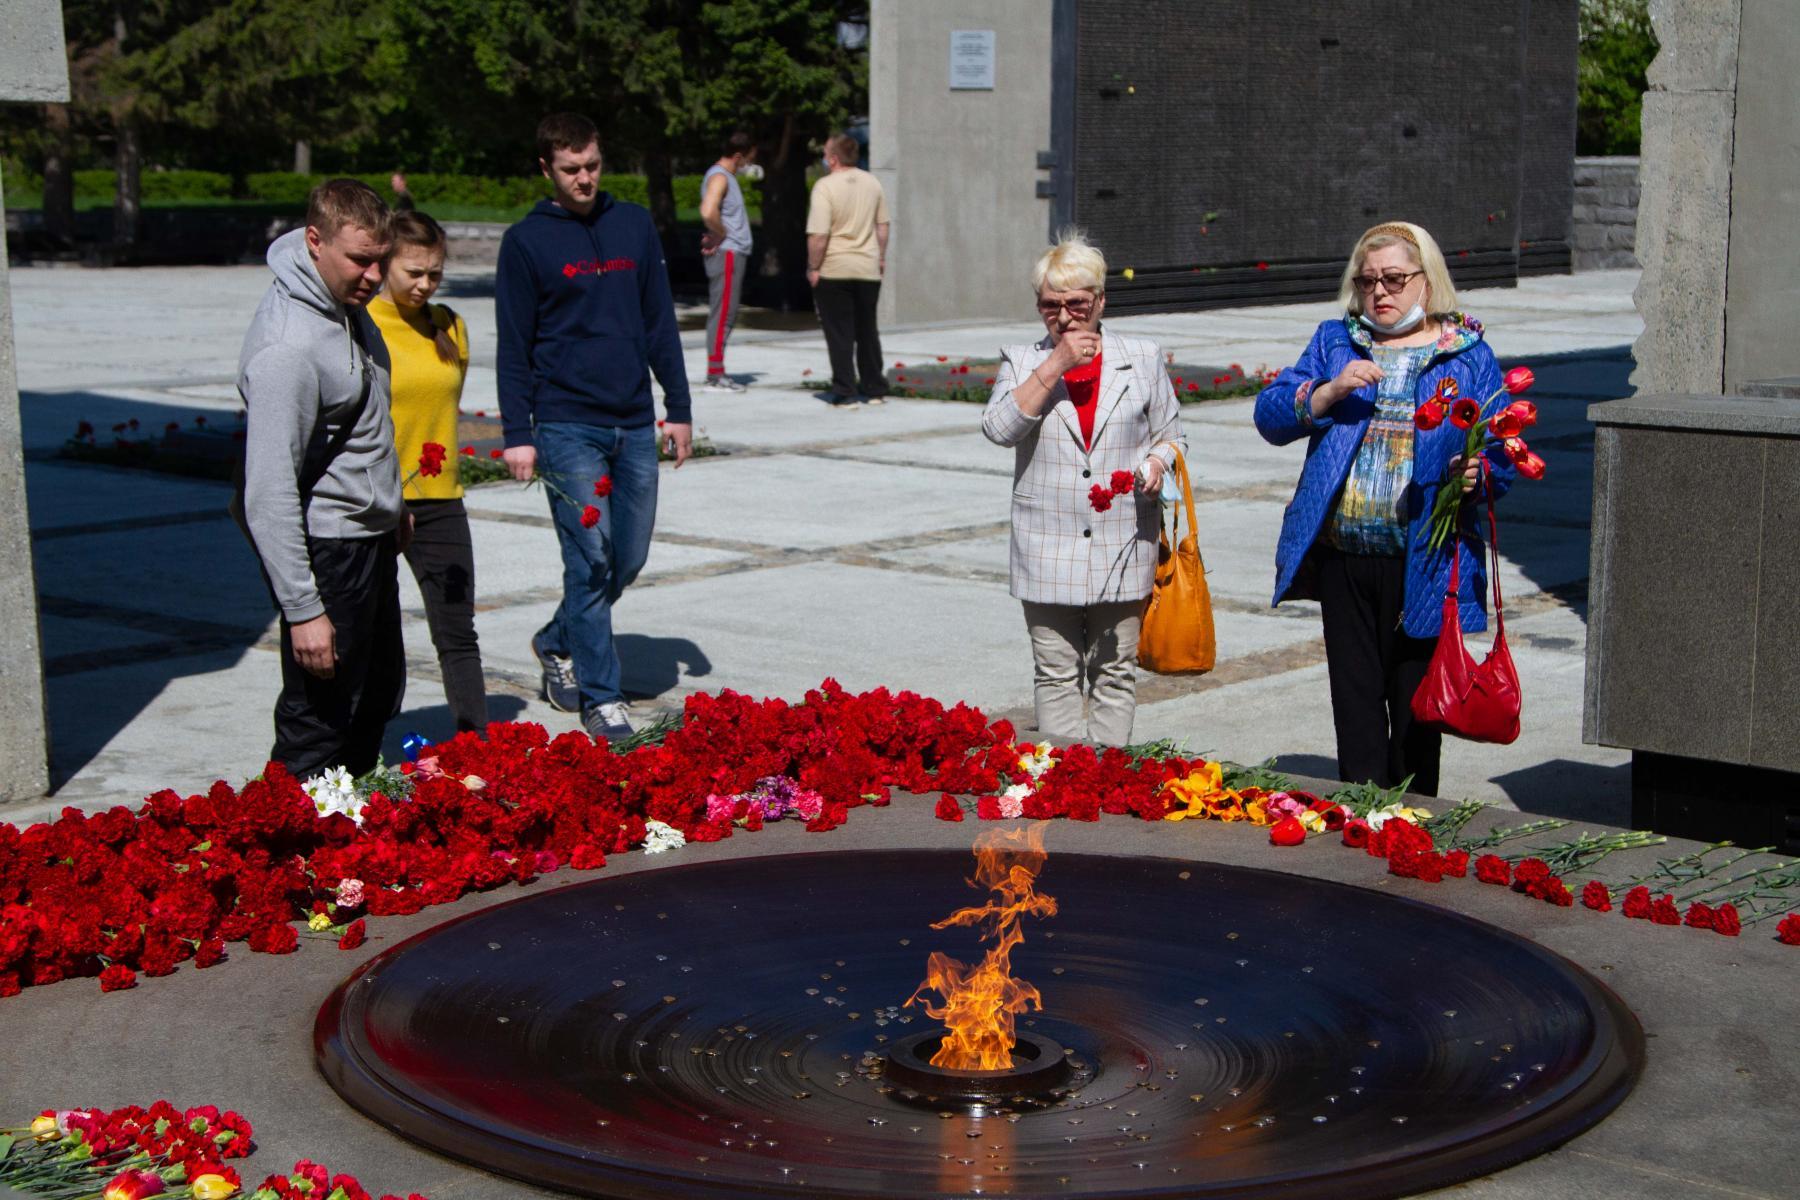 фото Парад в небе, виртуальный Монумент Славы, салют онлайн: как отметили День Победы-2020 в Новосибирске 13